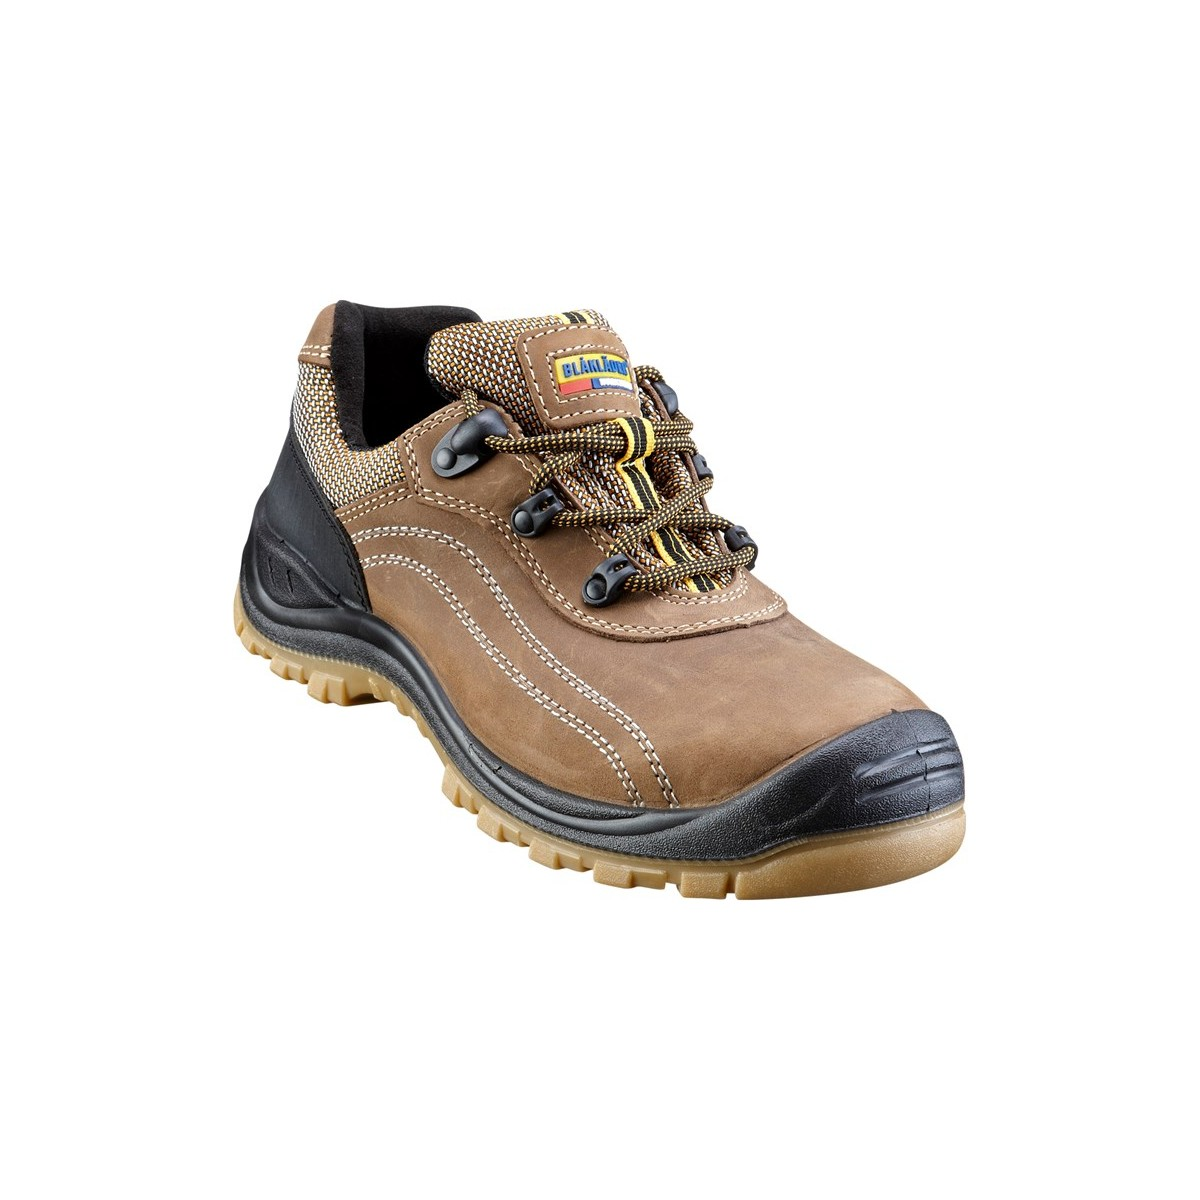 chaussures de s curit basse blaklader dessus en cuir. Black Bedroom Furniture Sets. Home Design Ideas